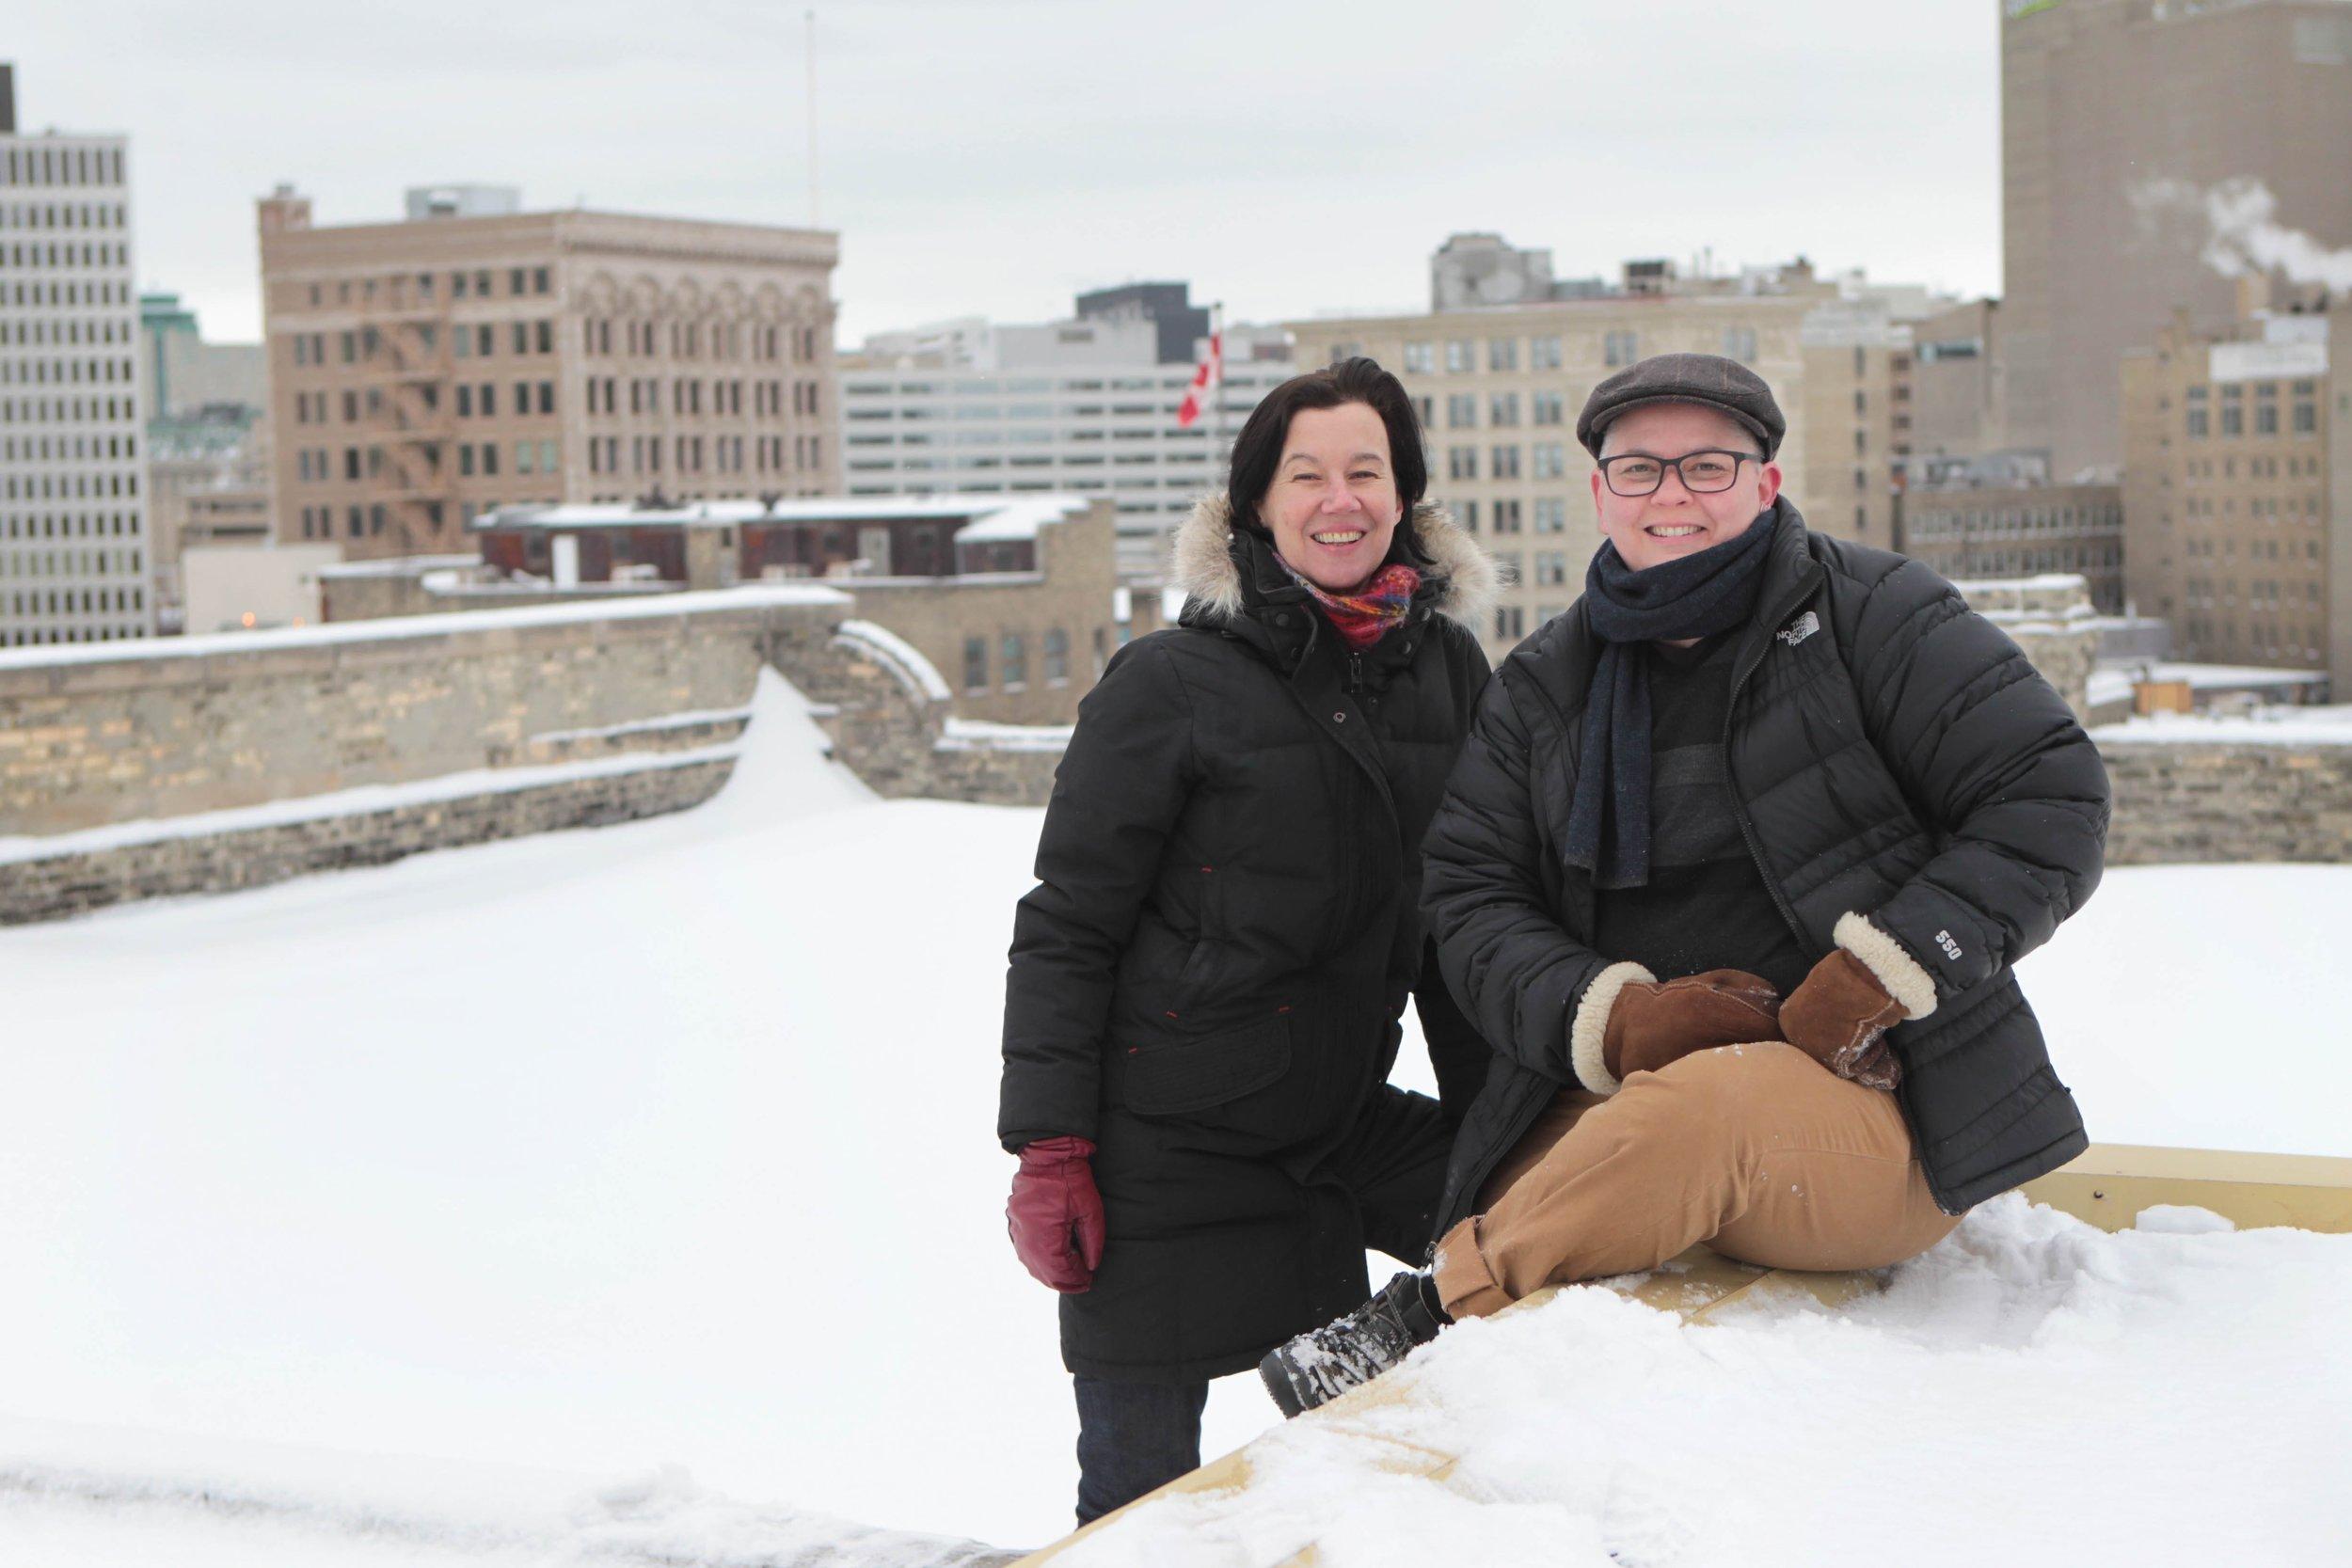 Photo by Ruth Bonneville, Winnipeg Free Press